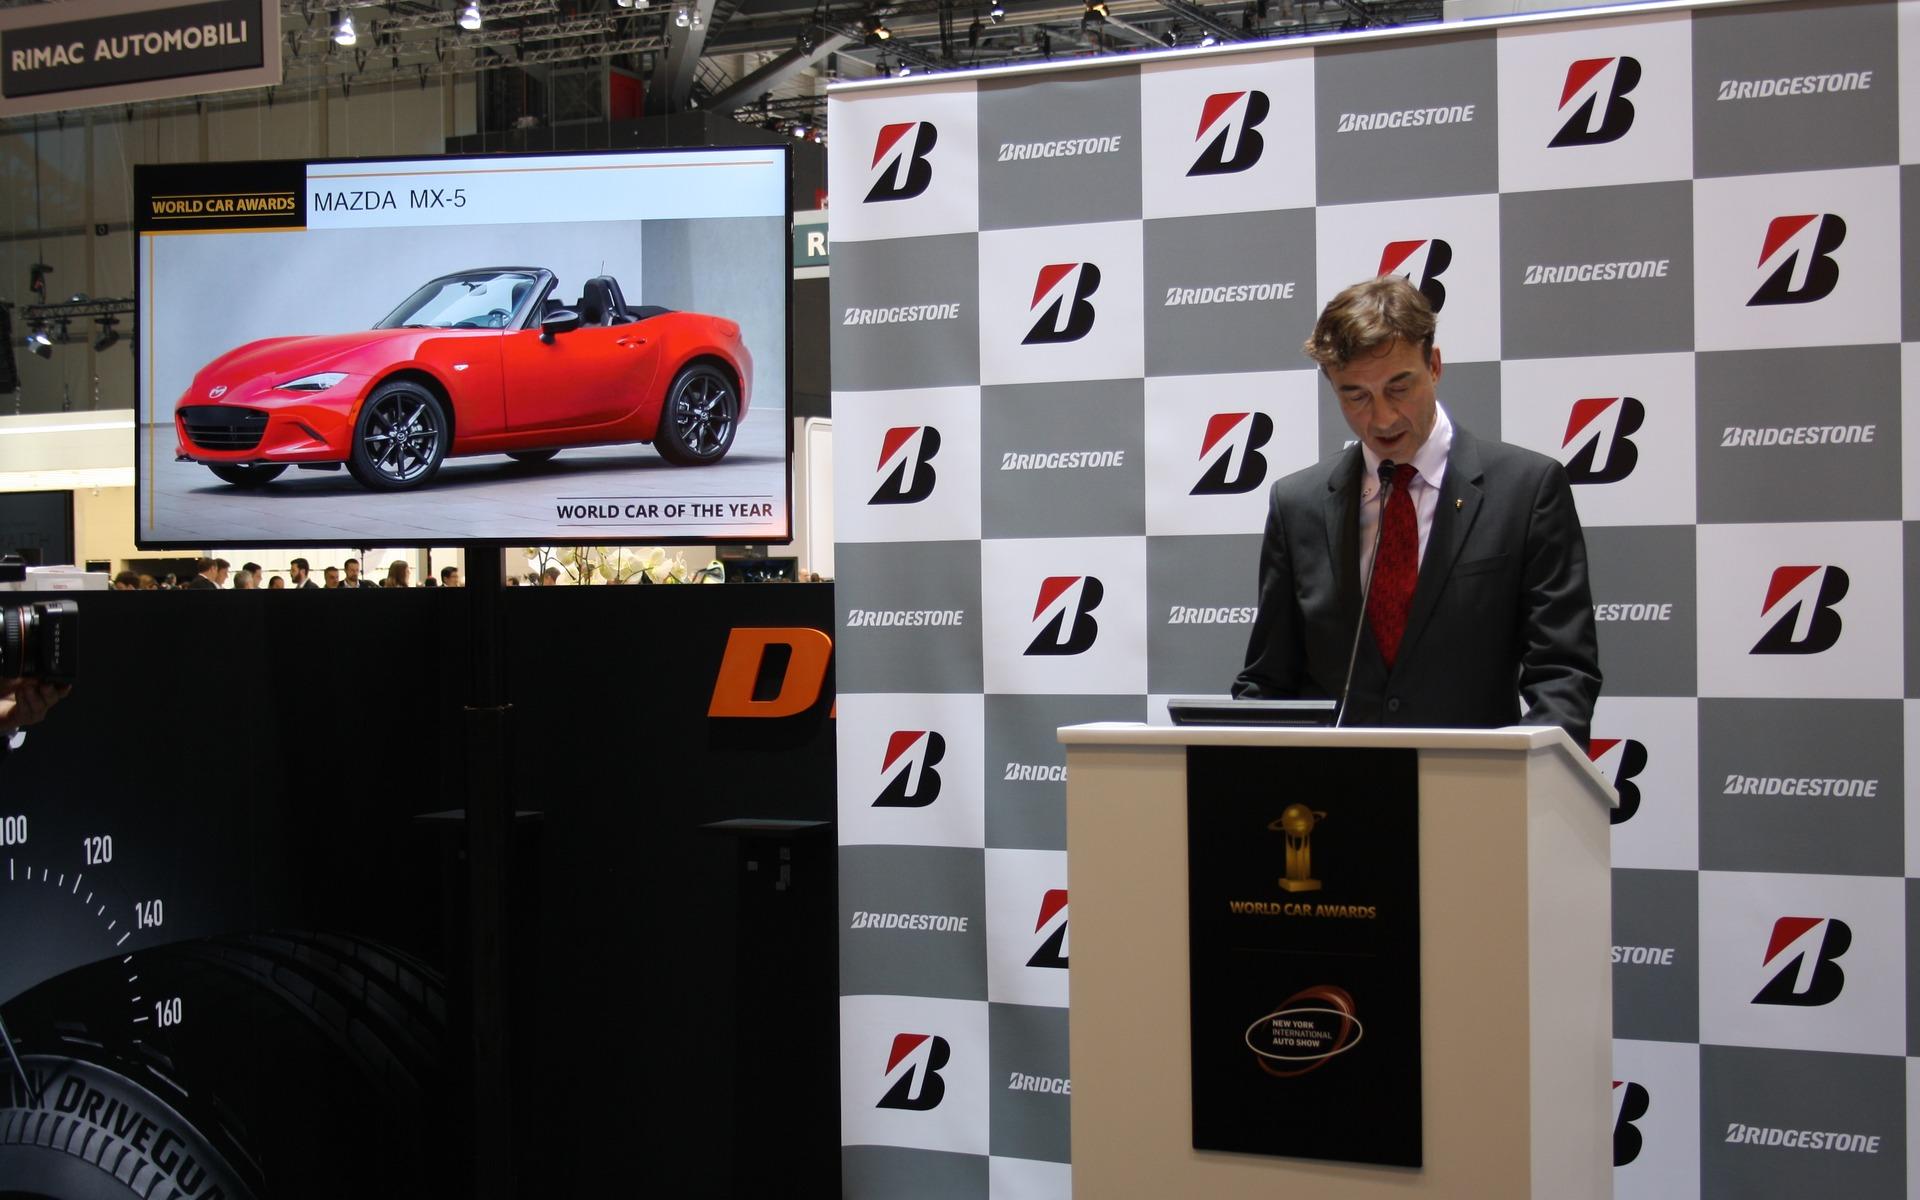 Finaliste pour le Prix de la voiture mondiale de l'année 2016 : Mazda MX-5